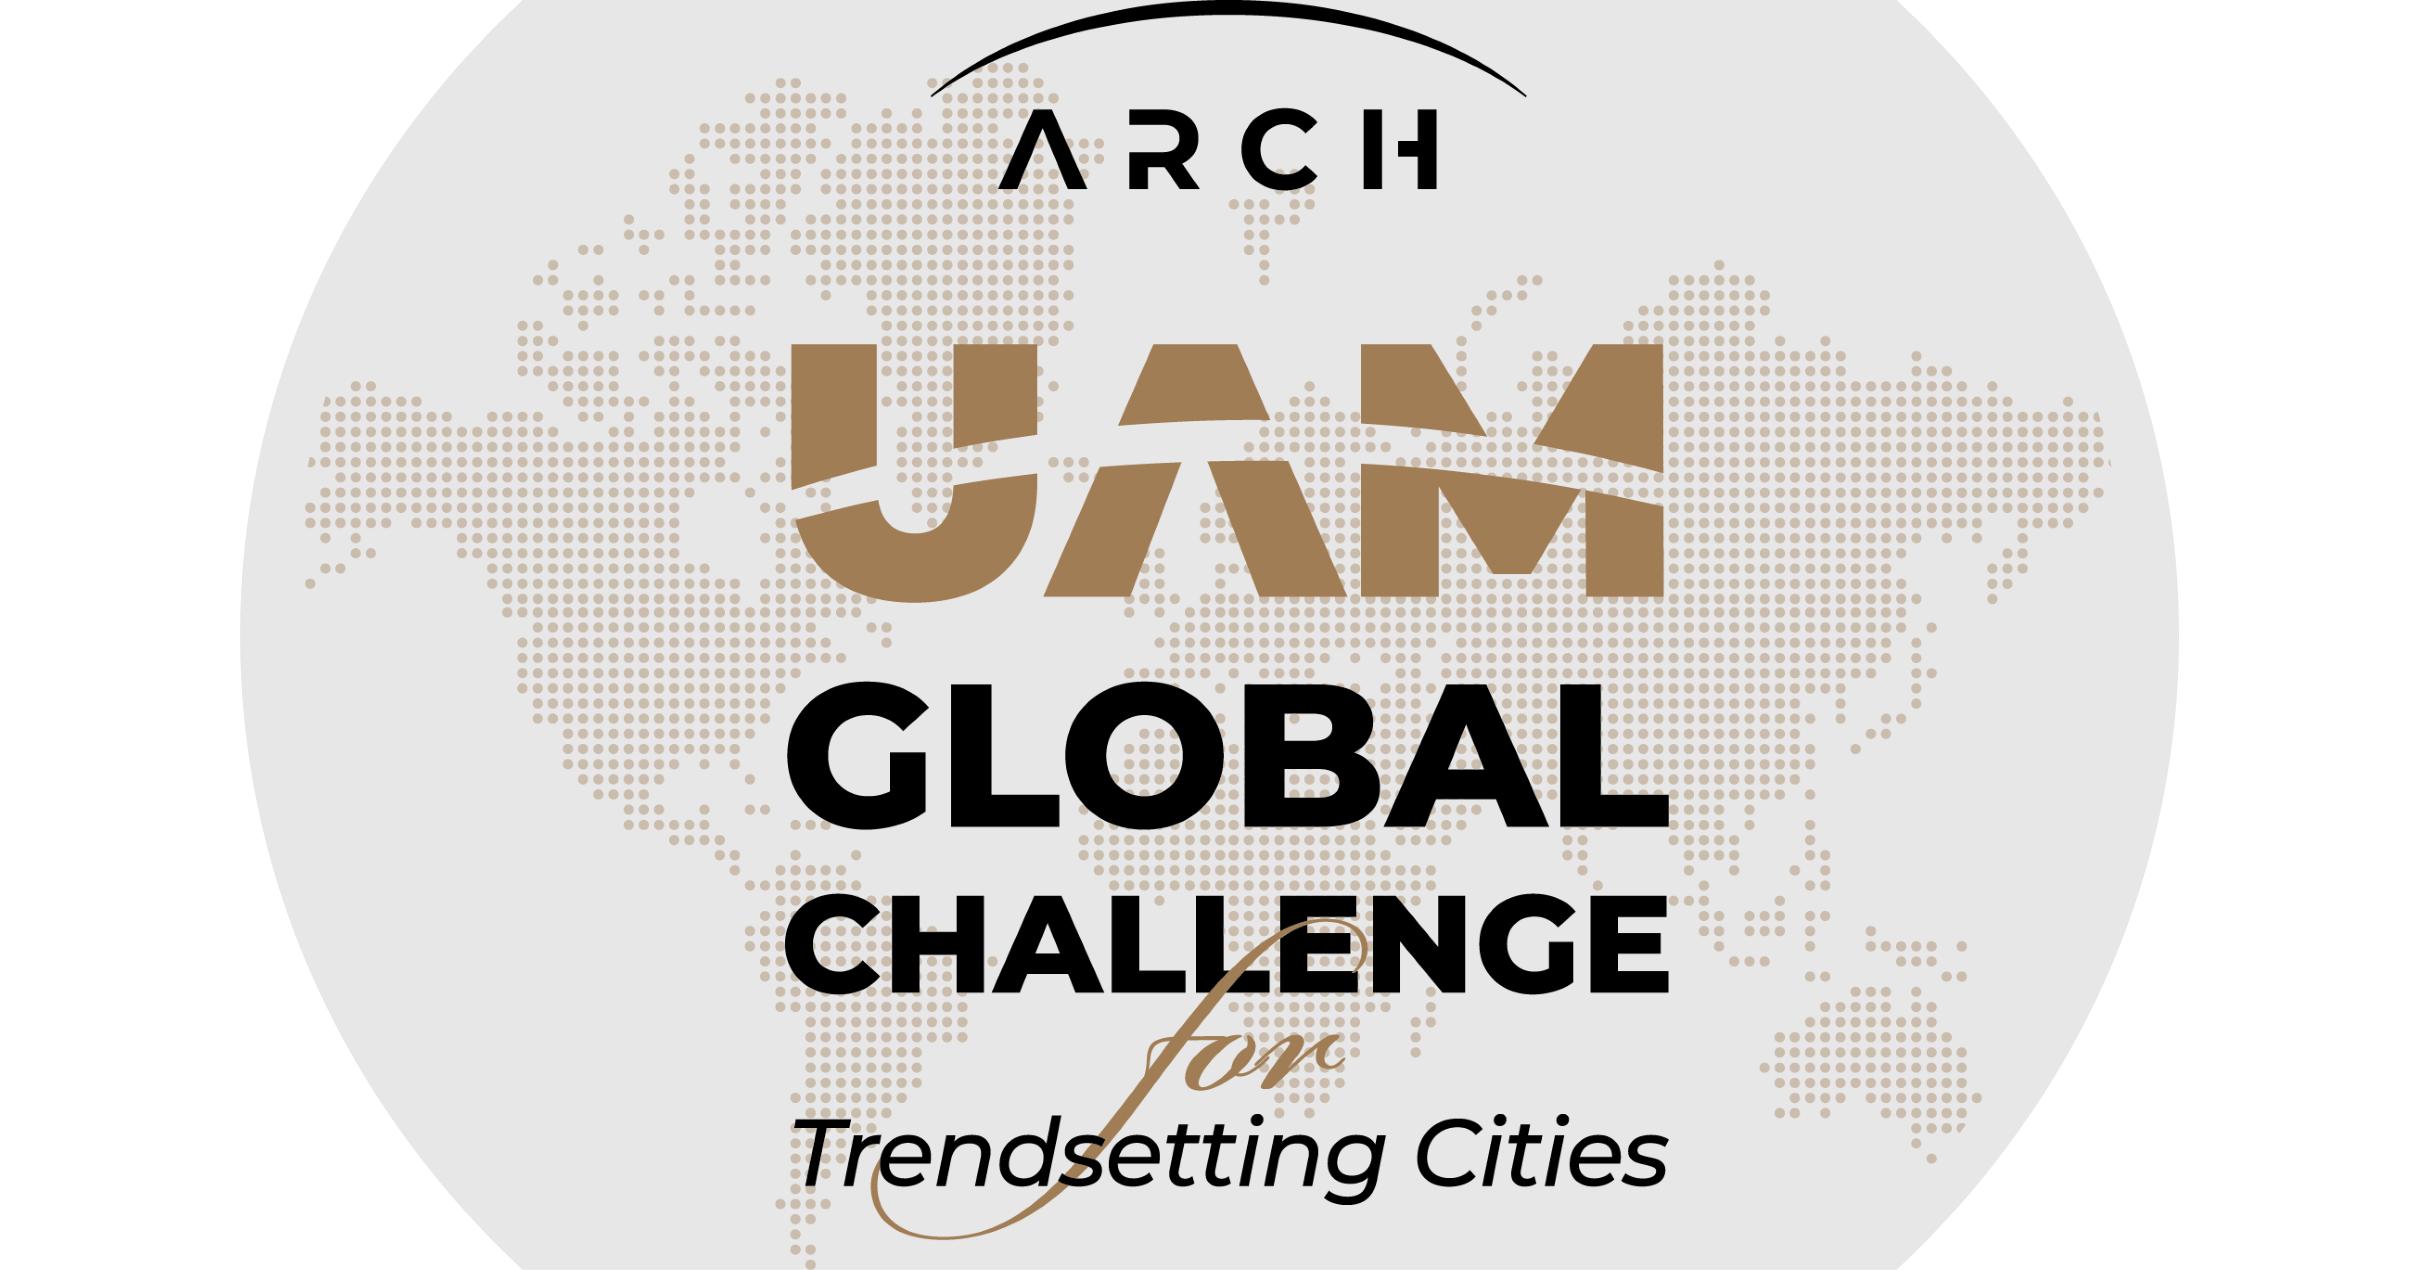 ARCH Challenge logo